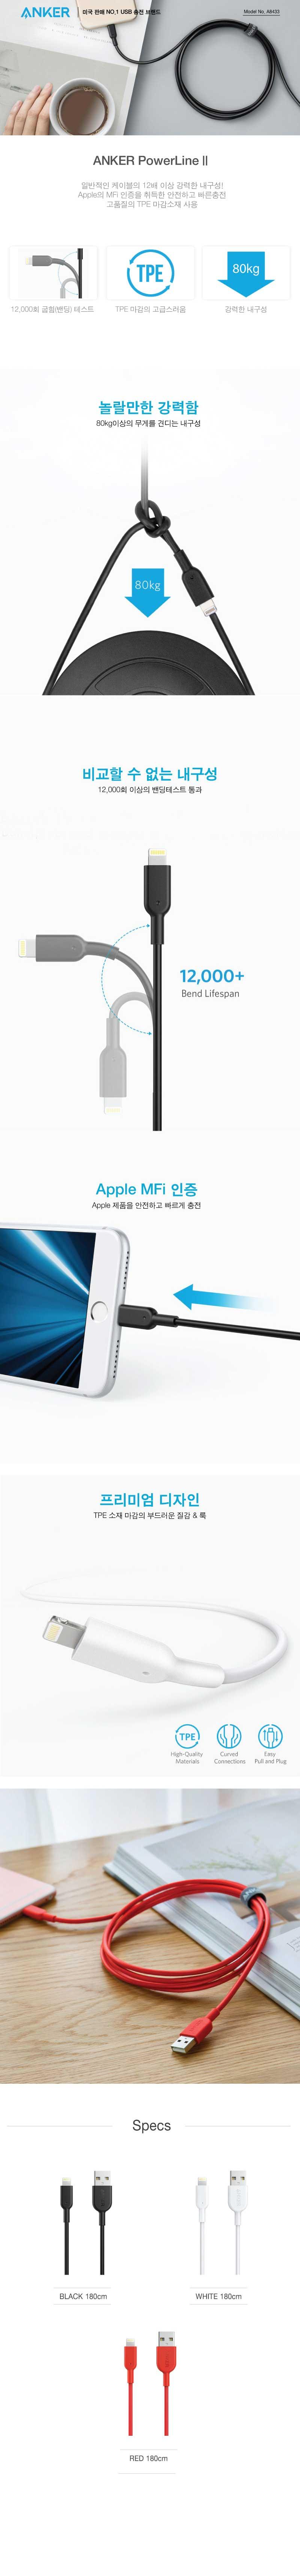 [공식스토어] 앤커 파워라인 II 8핀 USB 충전케이블 180cm 블랙/화이트/레드 (A8433) 17,900원-앤커디지털, 스마트기기 주변기기, 케이블, 8핀바보사랑 [공식스토어] 앤커 파워라인 II 8핀 USB 충전케이블 180cm 블랙/화이트/레드 (A8433) 17,900원-앤커디지털, 스마트기기 주변기기, 케이블, 8핀바보사랑